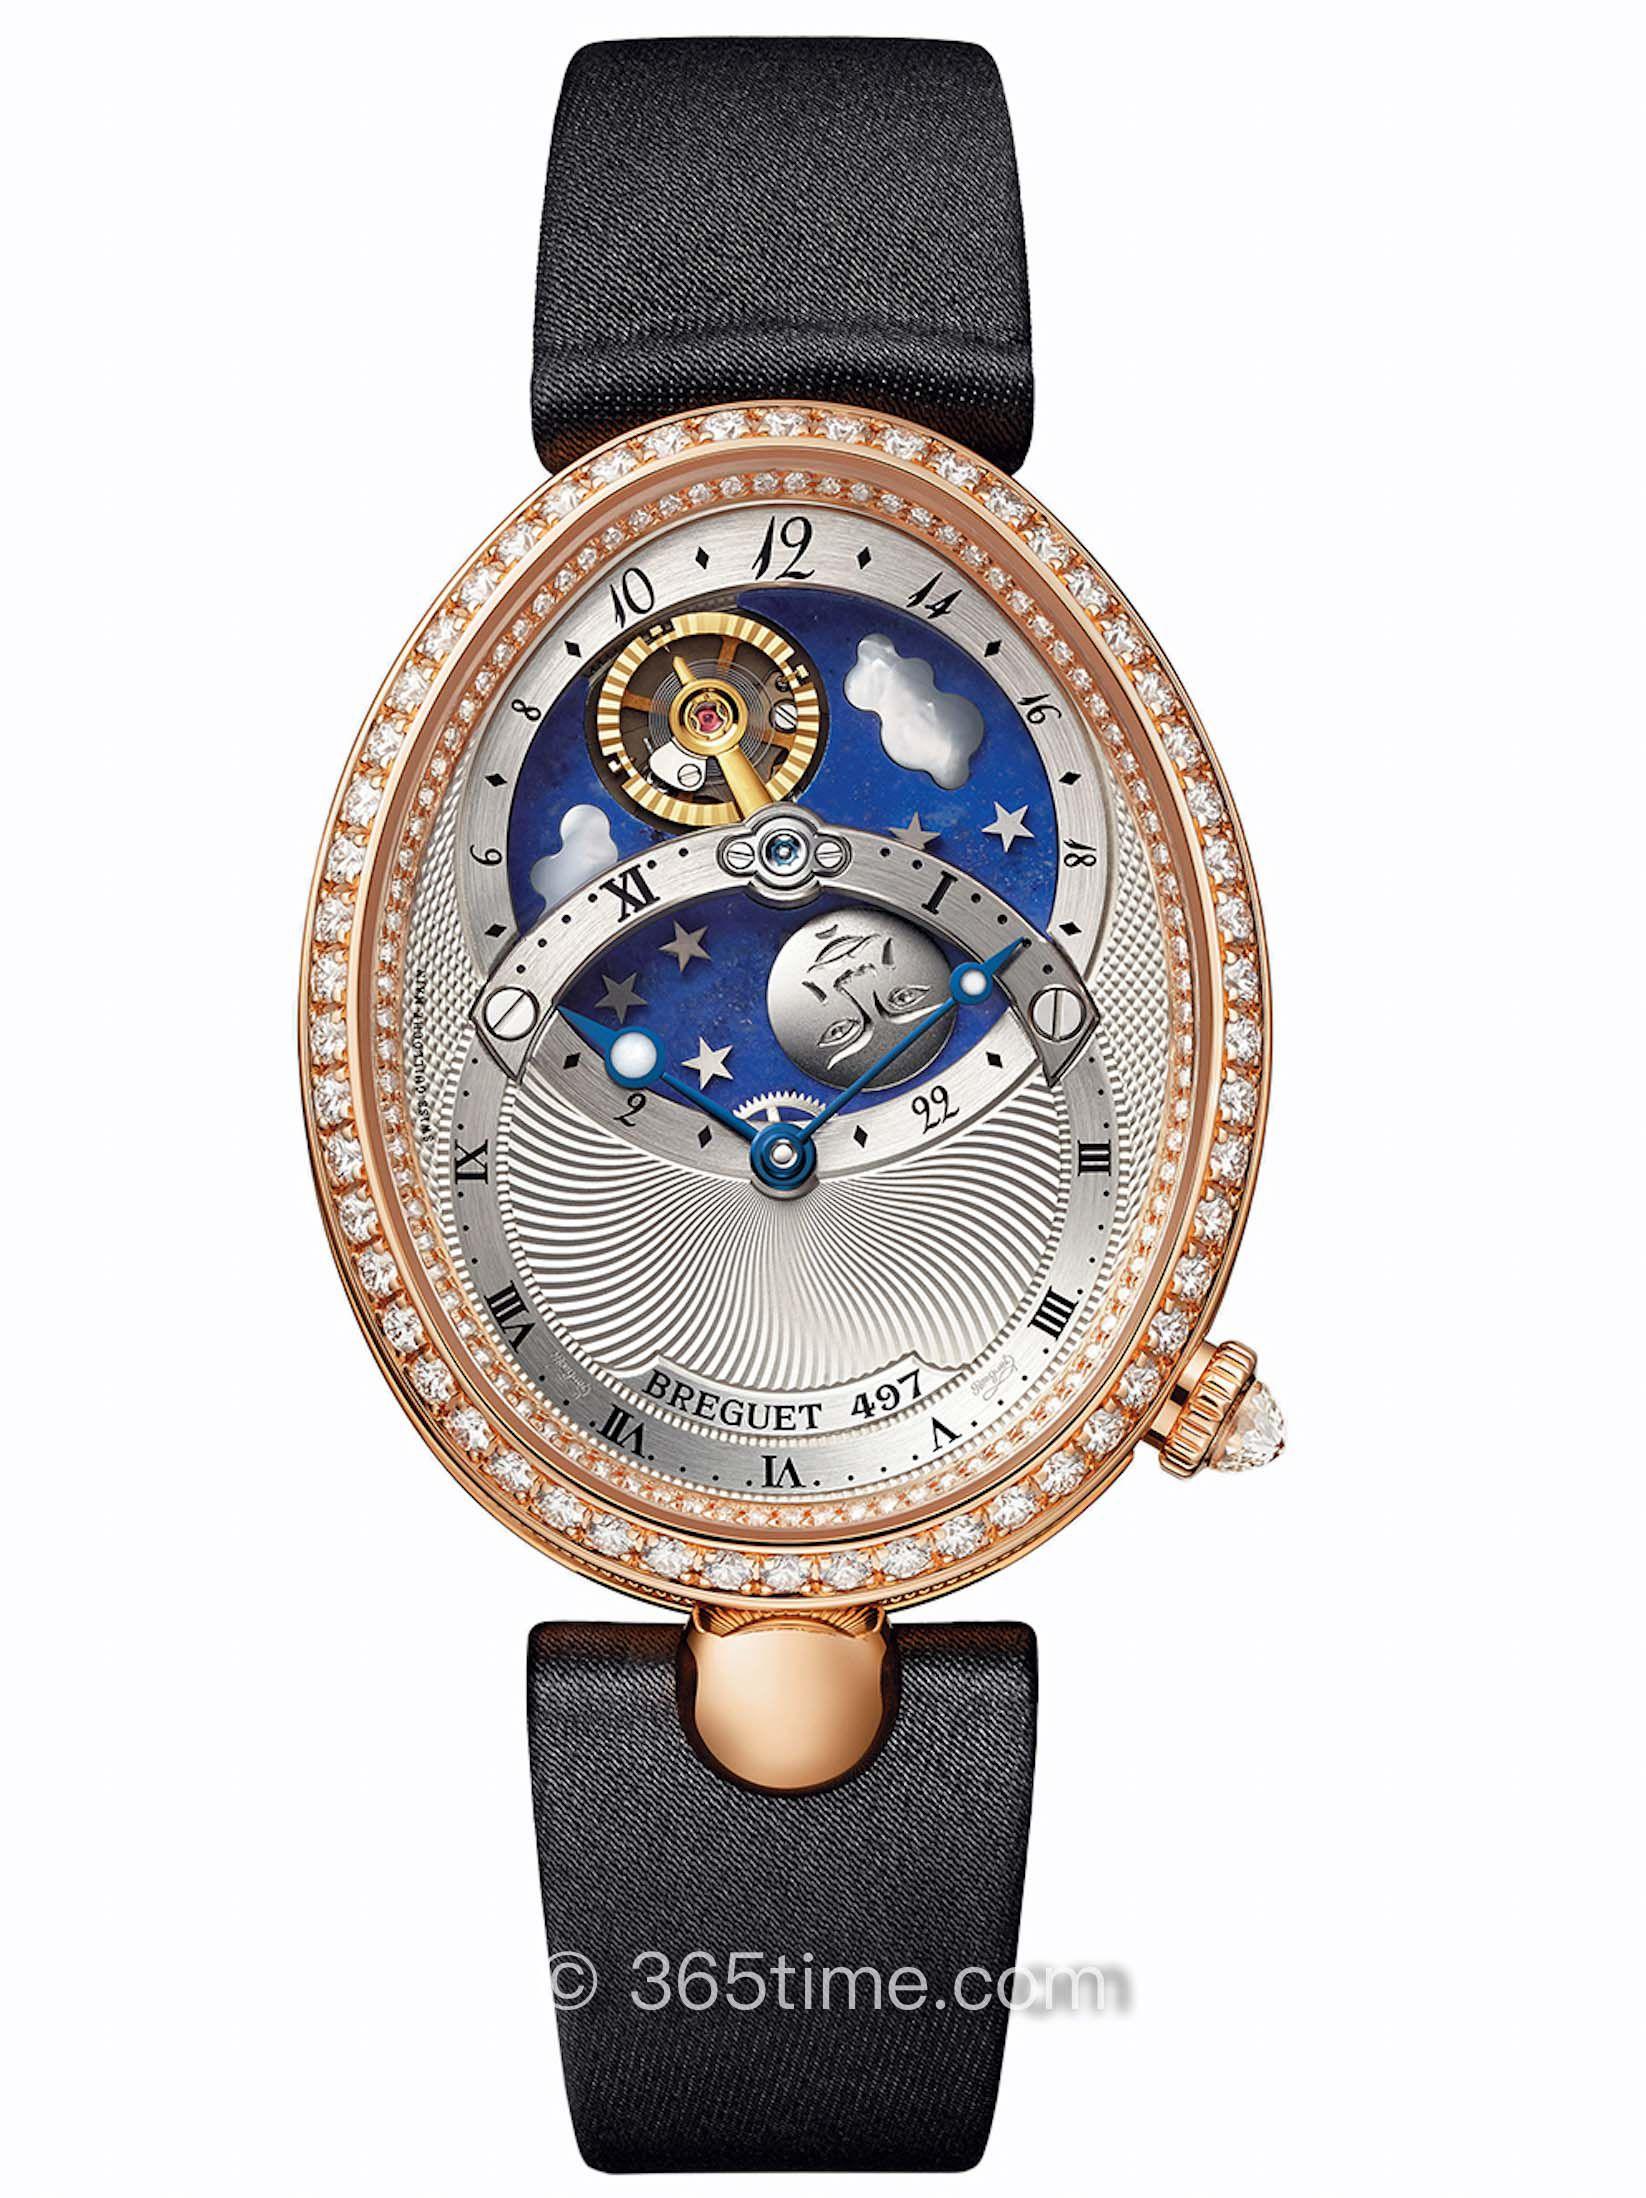 宝玑那不勒斯皇后系列8998BR/11/874 D00D腕表